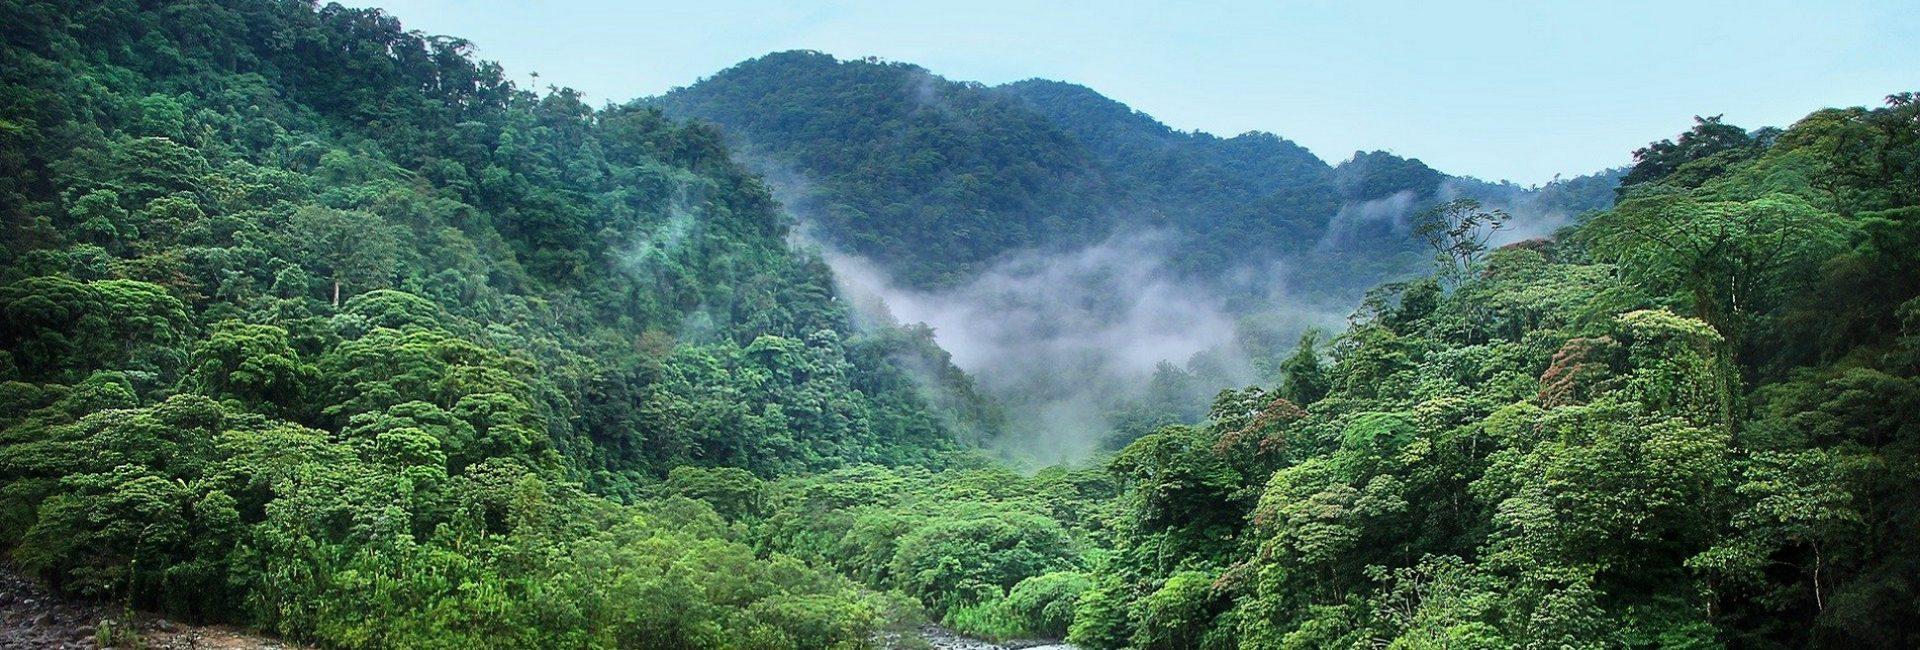 Putovanje na Kostariku nudi vam vrtoglavu ponudu avantura na otvorenom